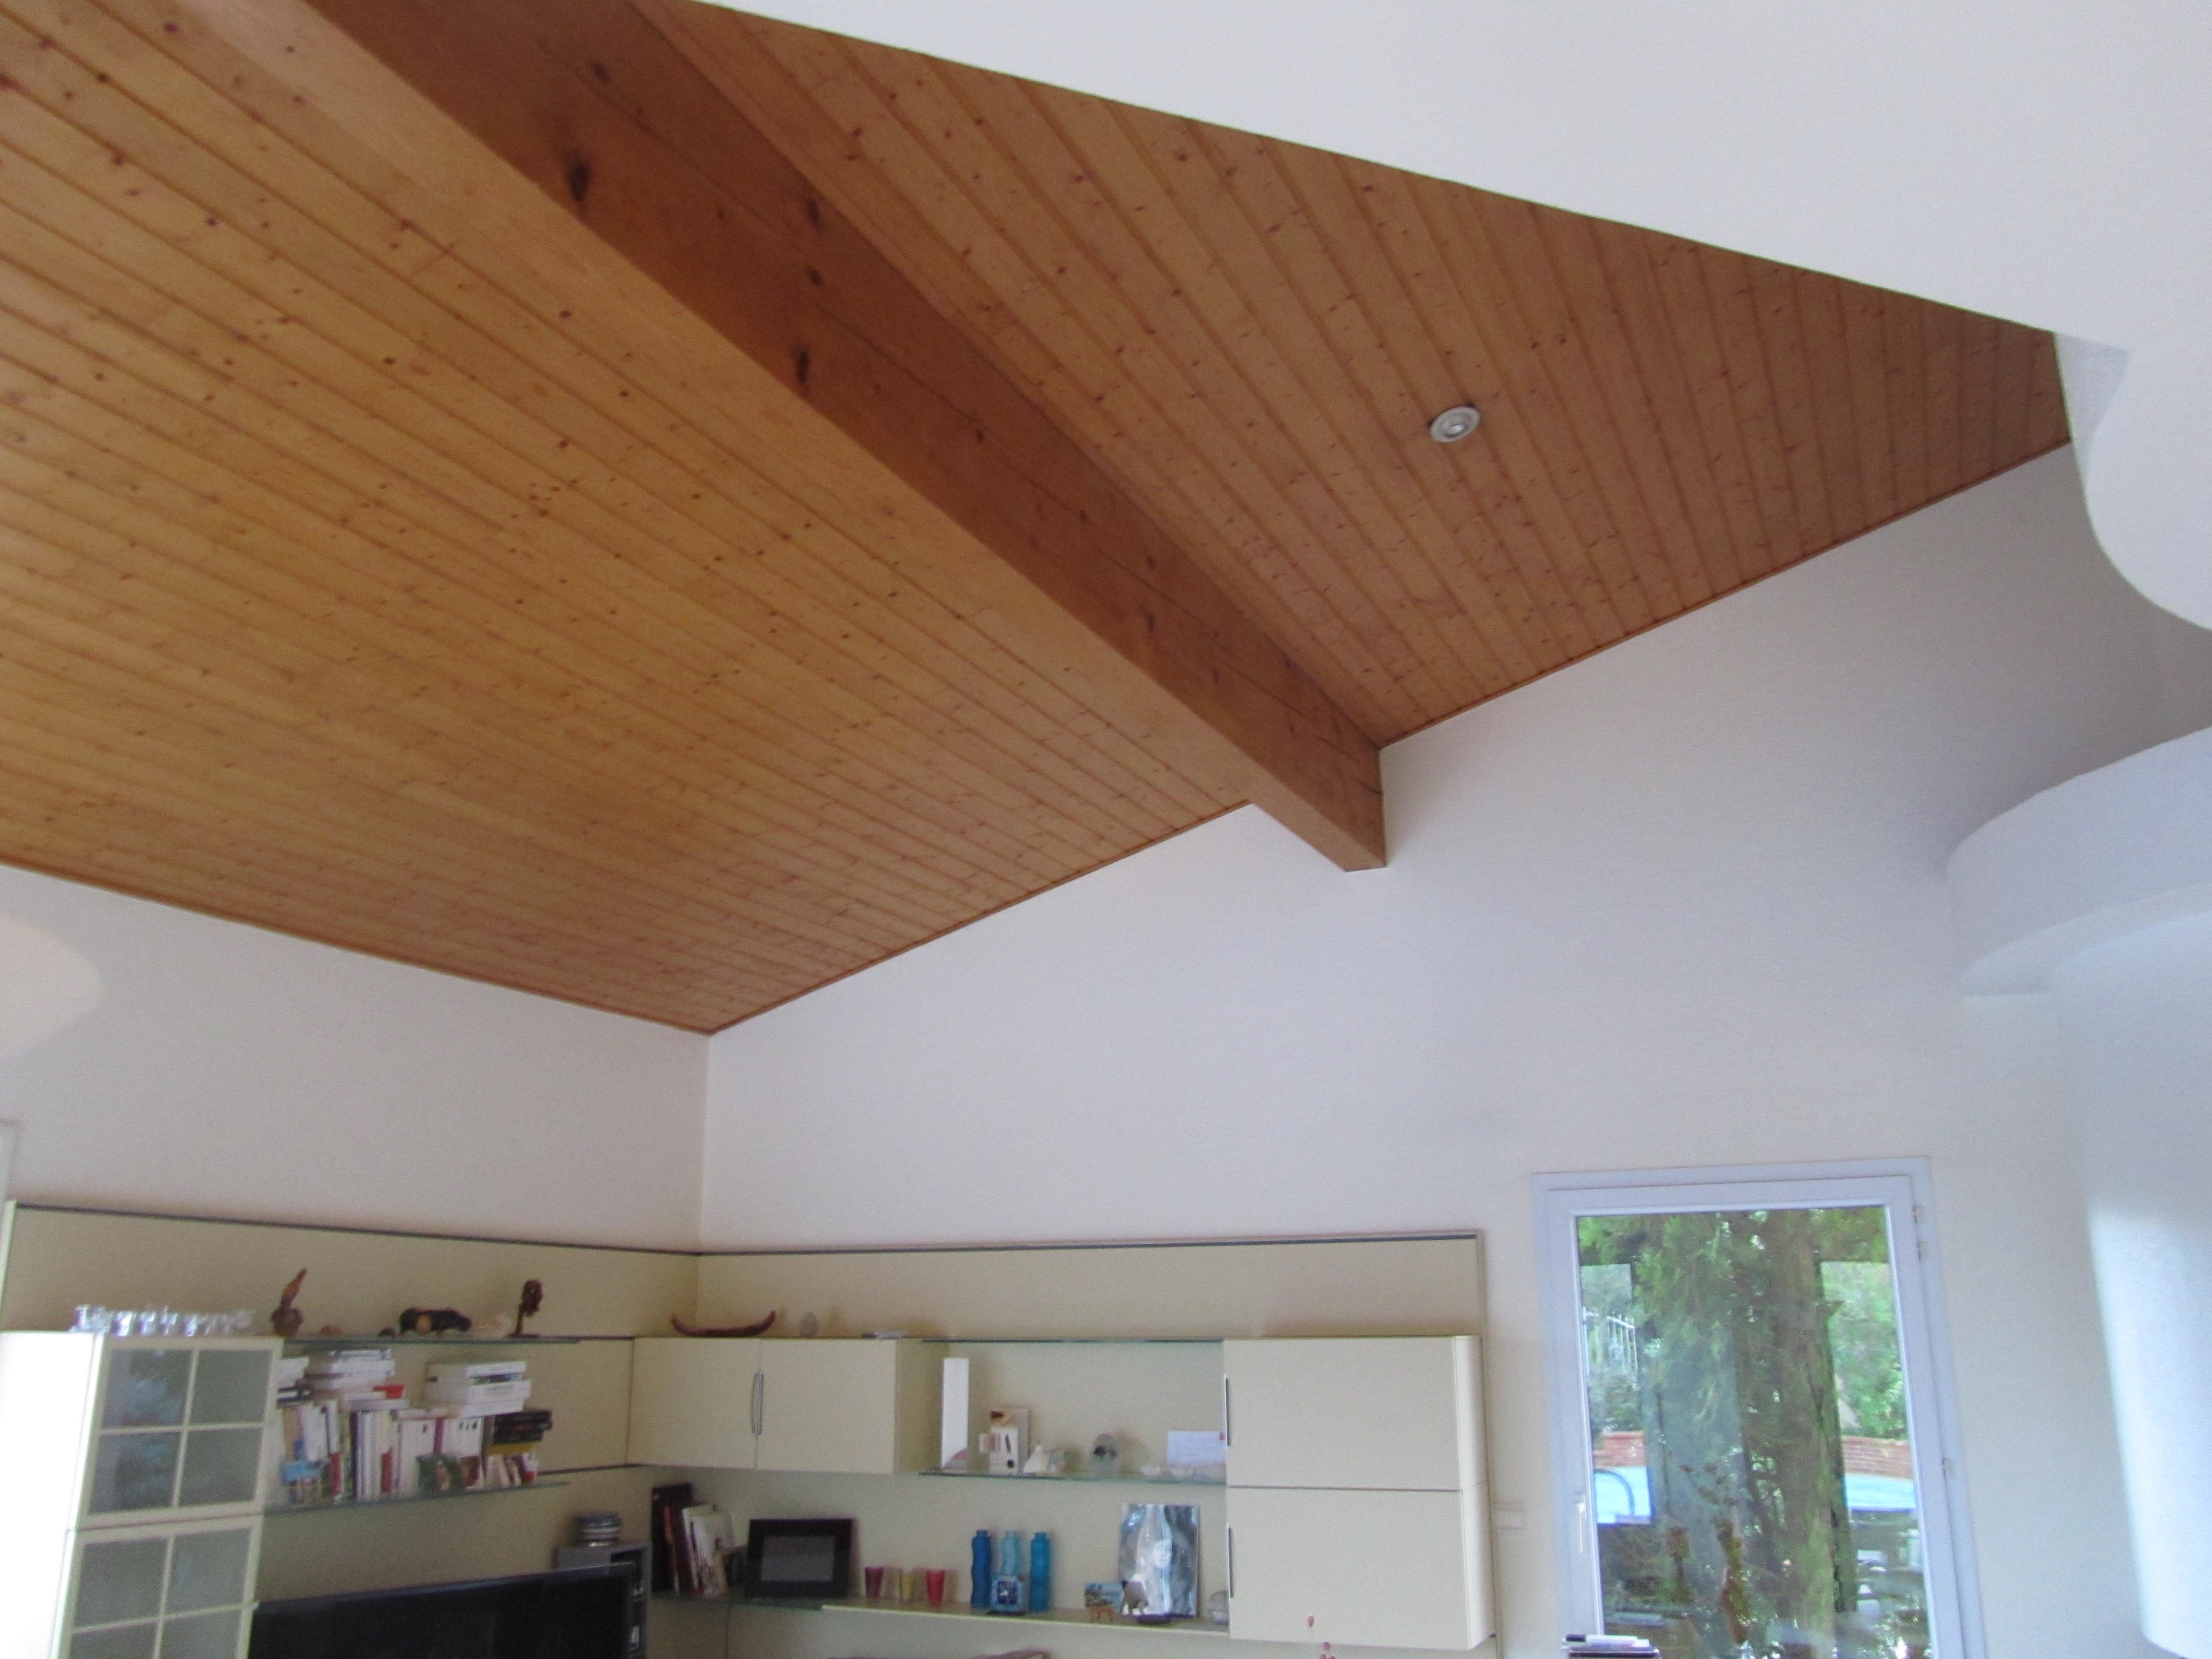 Toulouse un plafond tendu extenzo satin pour r nover for Bandeau lumineux plafond